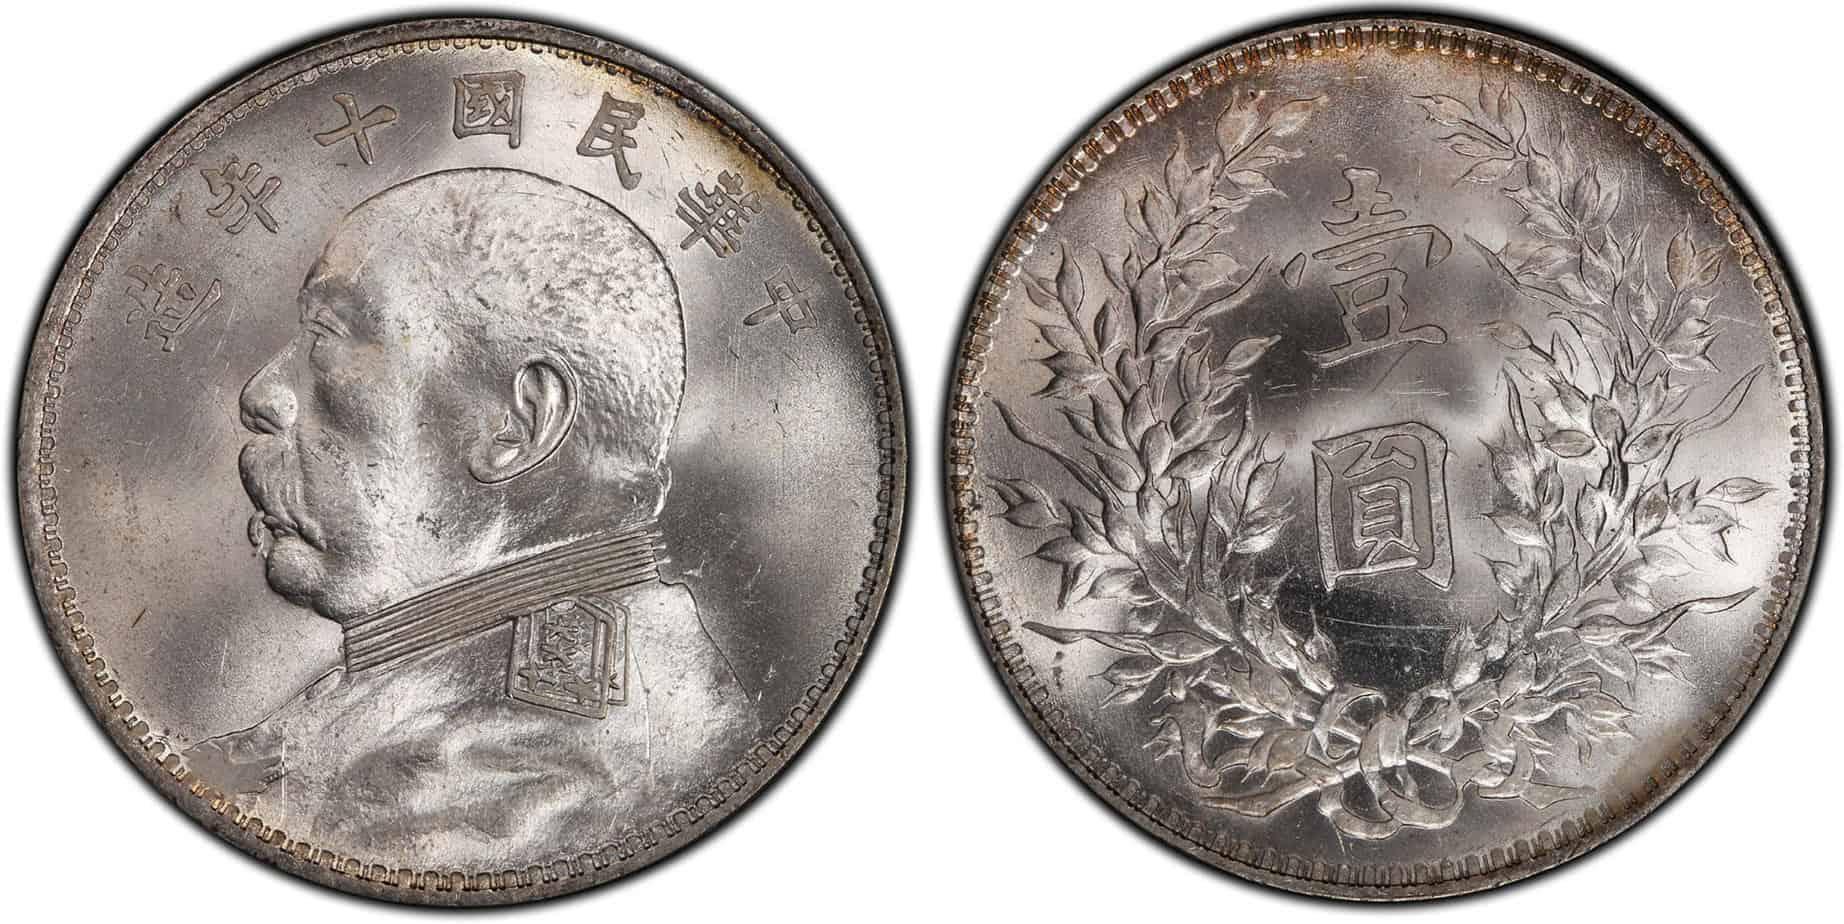 1 dólar LM-79 doble hombrera. República de China. Ejemplar 1